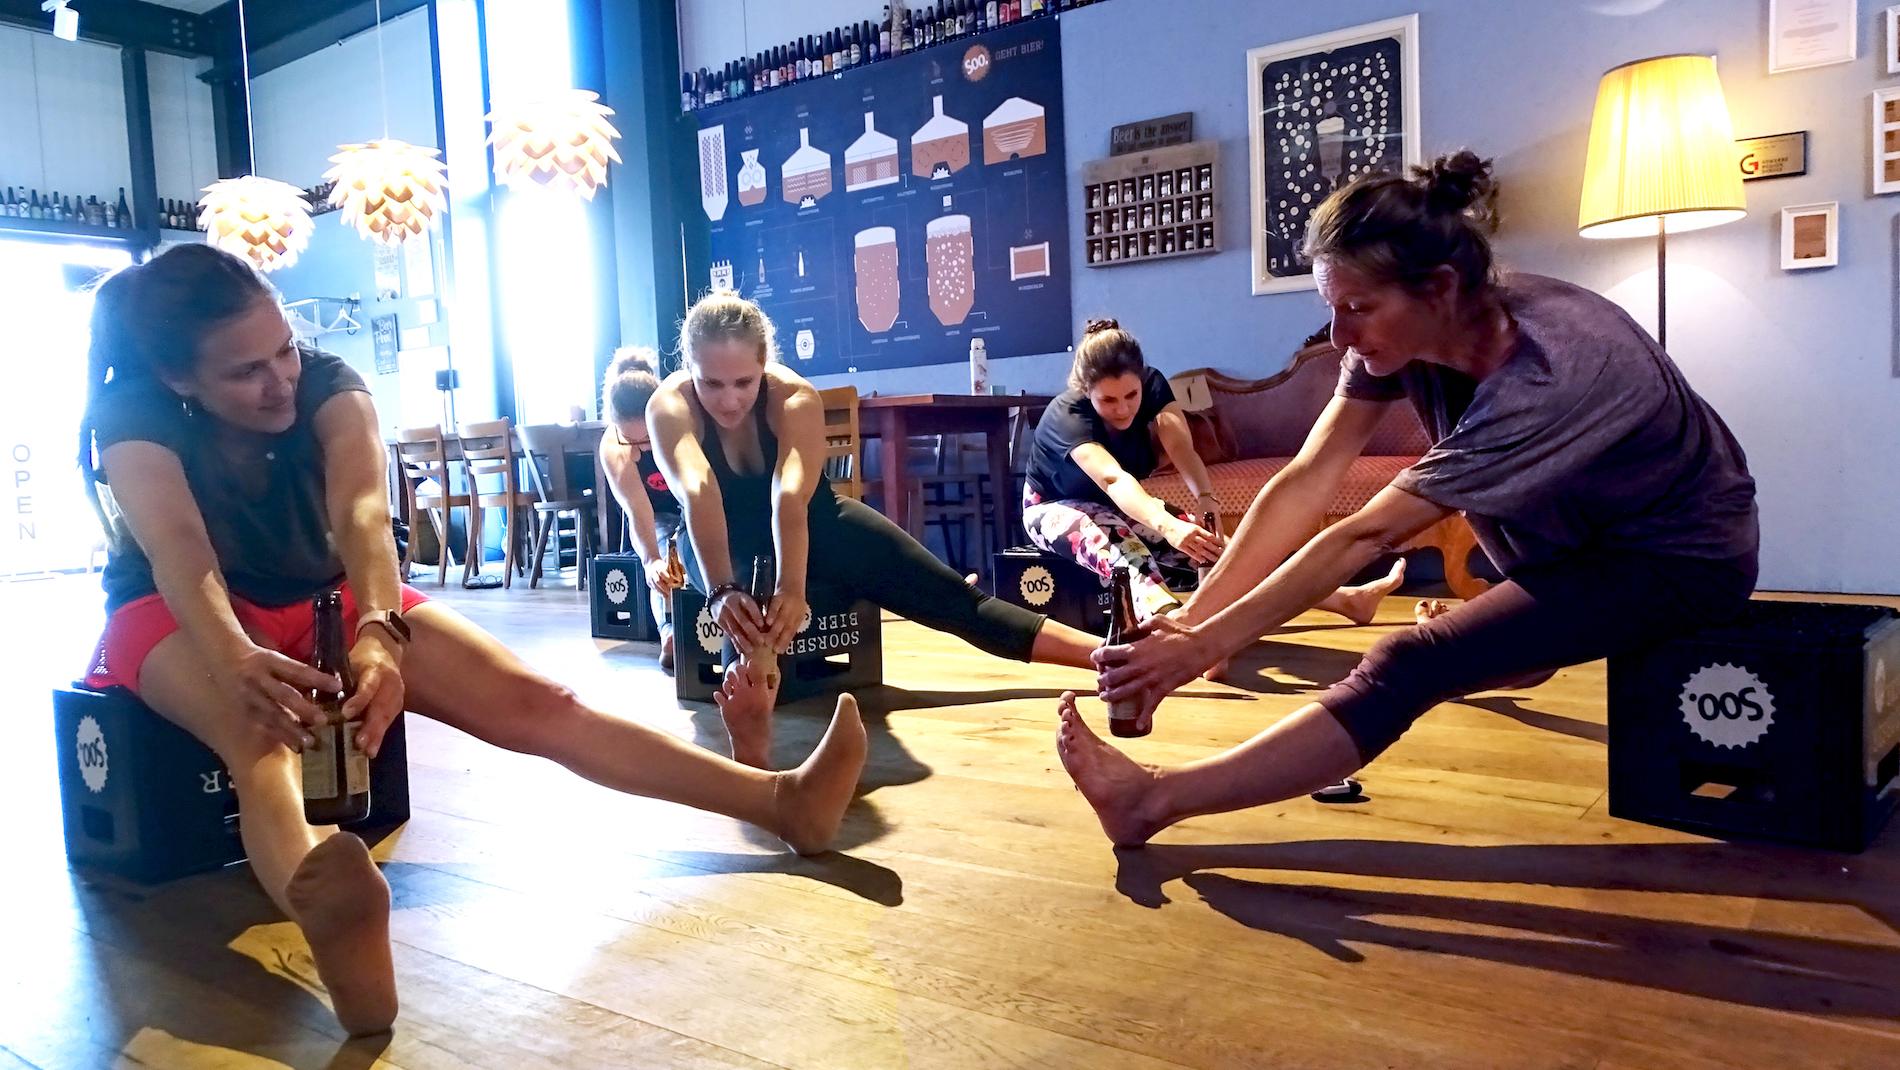 «Vielleicht bringst du auch den Mund zur Flasche? Irgendwie sollte es doch gehen», so die Worte der Yoga-Praktizierenden.